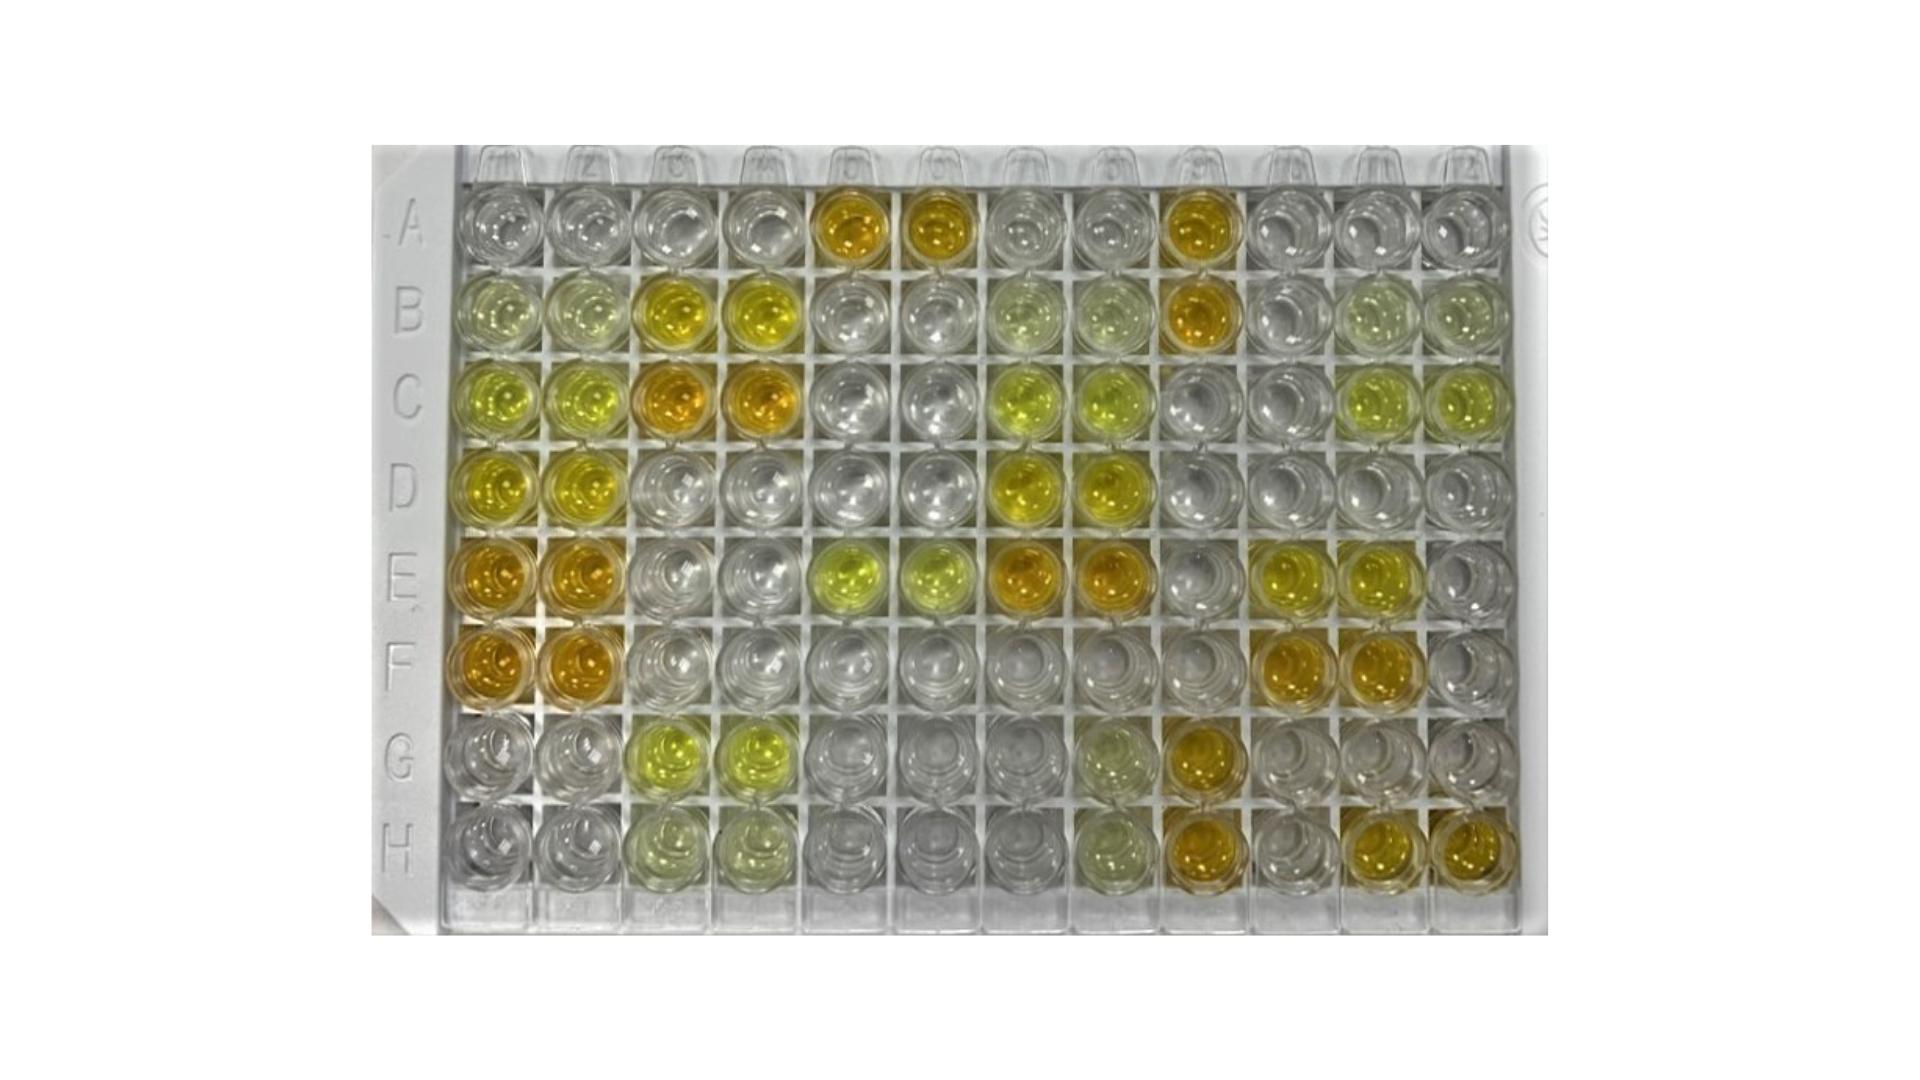 Антиген: SARS-CoV2 N белок нуклеокапсида.   Иммобилизация антигена: 1 мкг/мл, 50 мМ карбонатный буфер, pH 9,6.   Образцы:   отрицательные, N = 1000 (пул 2016 года), положительные (N = 2000).   Диагностическая специфичность 99+%, диагностическая чувствительность 99+%.